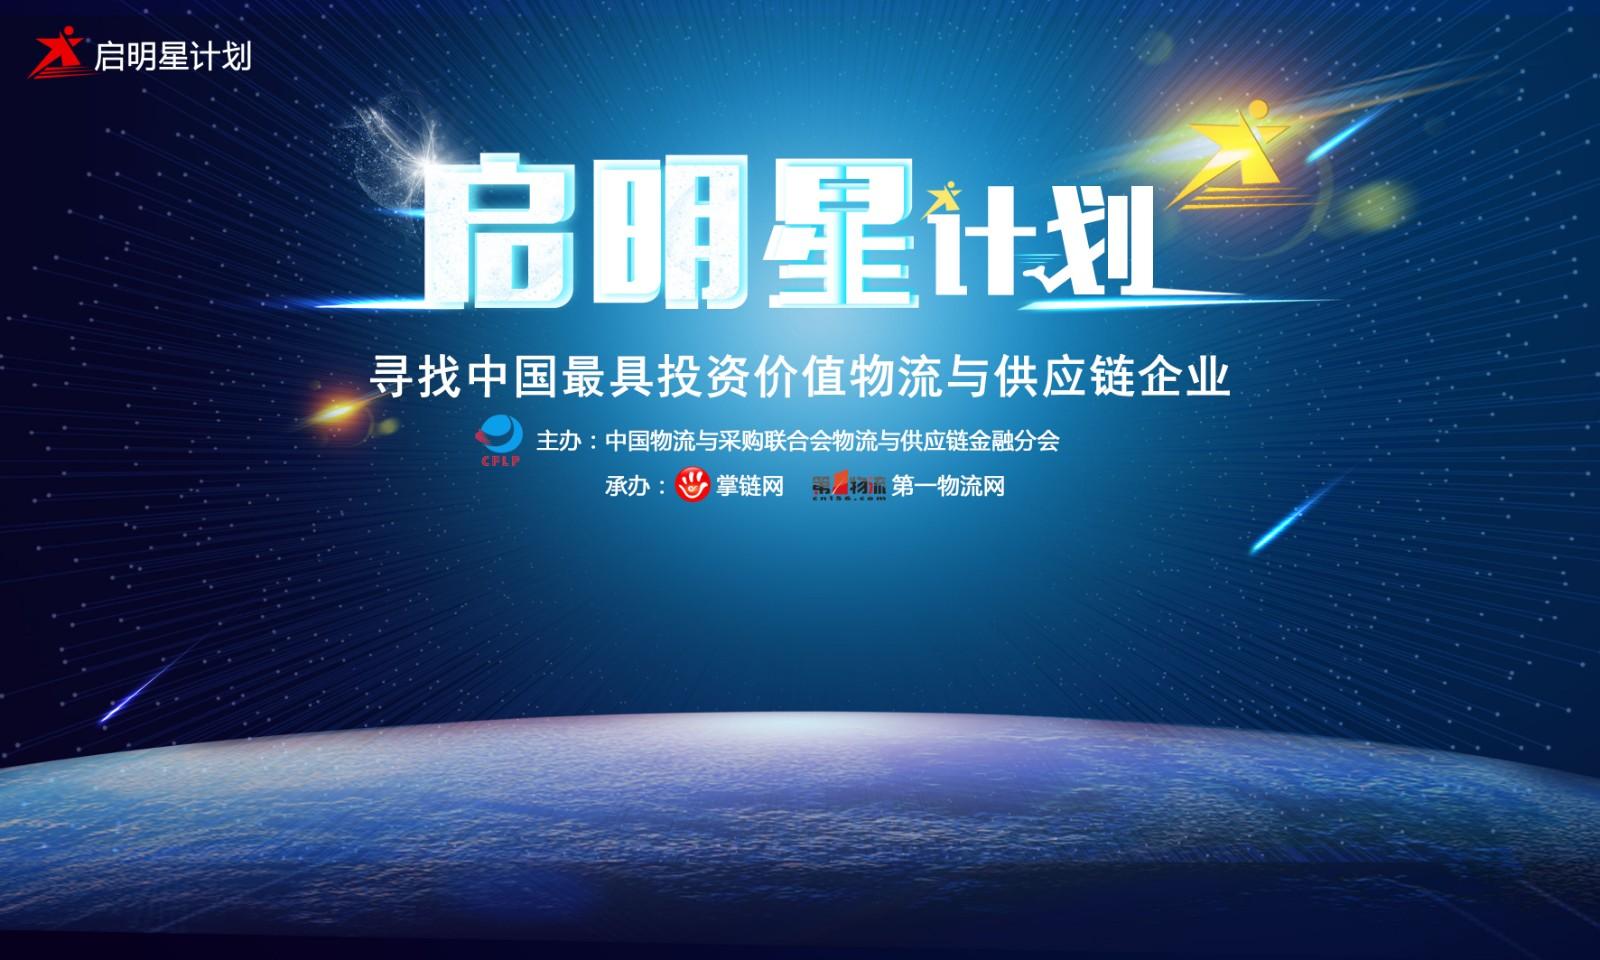 http://static.i56r.com/upload/image/poster/20190225/7314c72842119d2f5dc01fff831efbe3.jpg